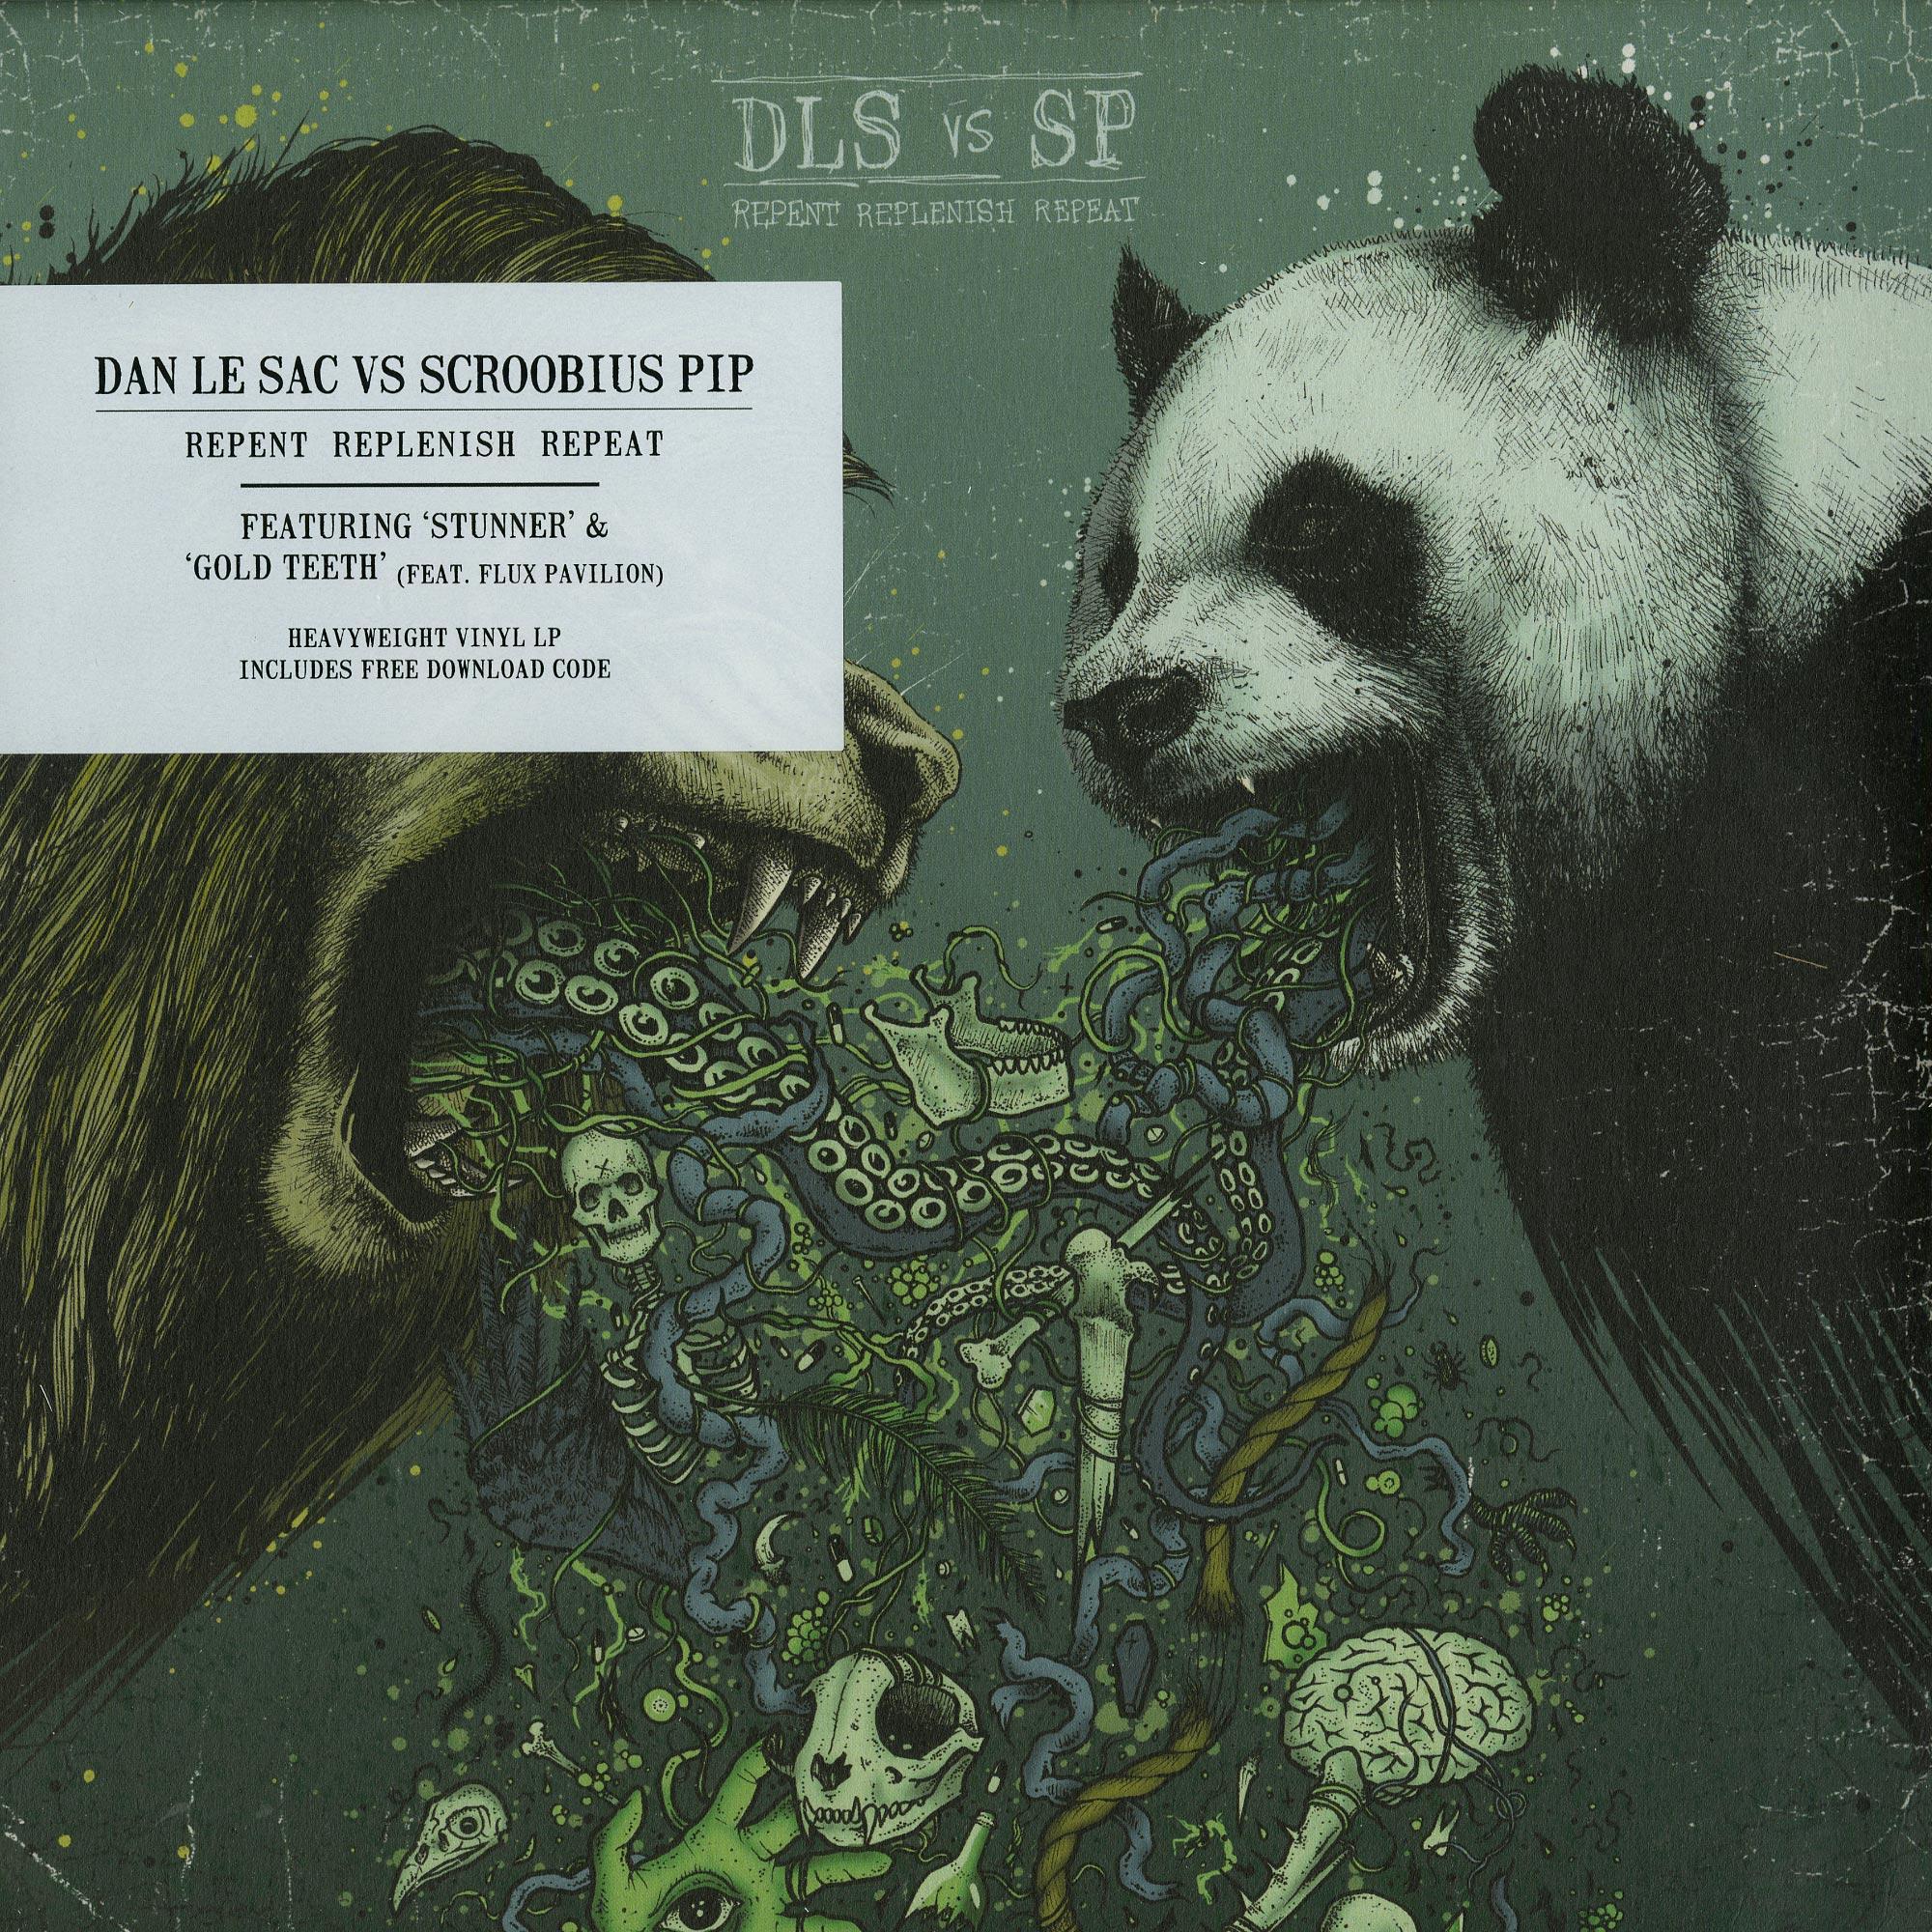 Dan Le Sac vs. Scroobius Pip - REPENT REPLENISH